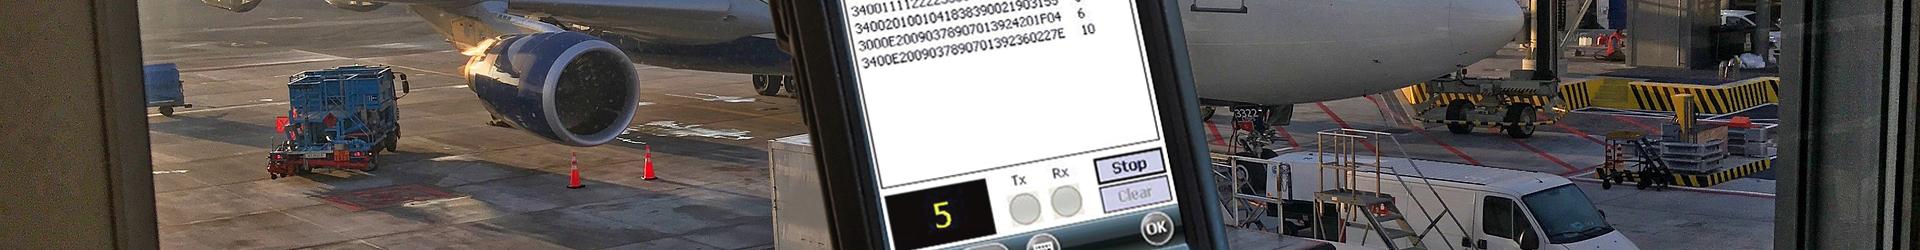 AT870N UHF Component Monitoring